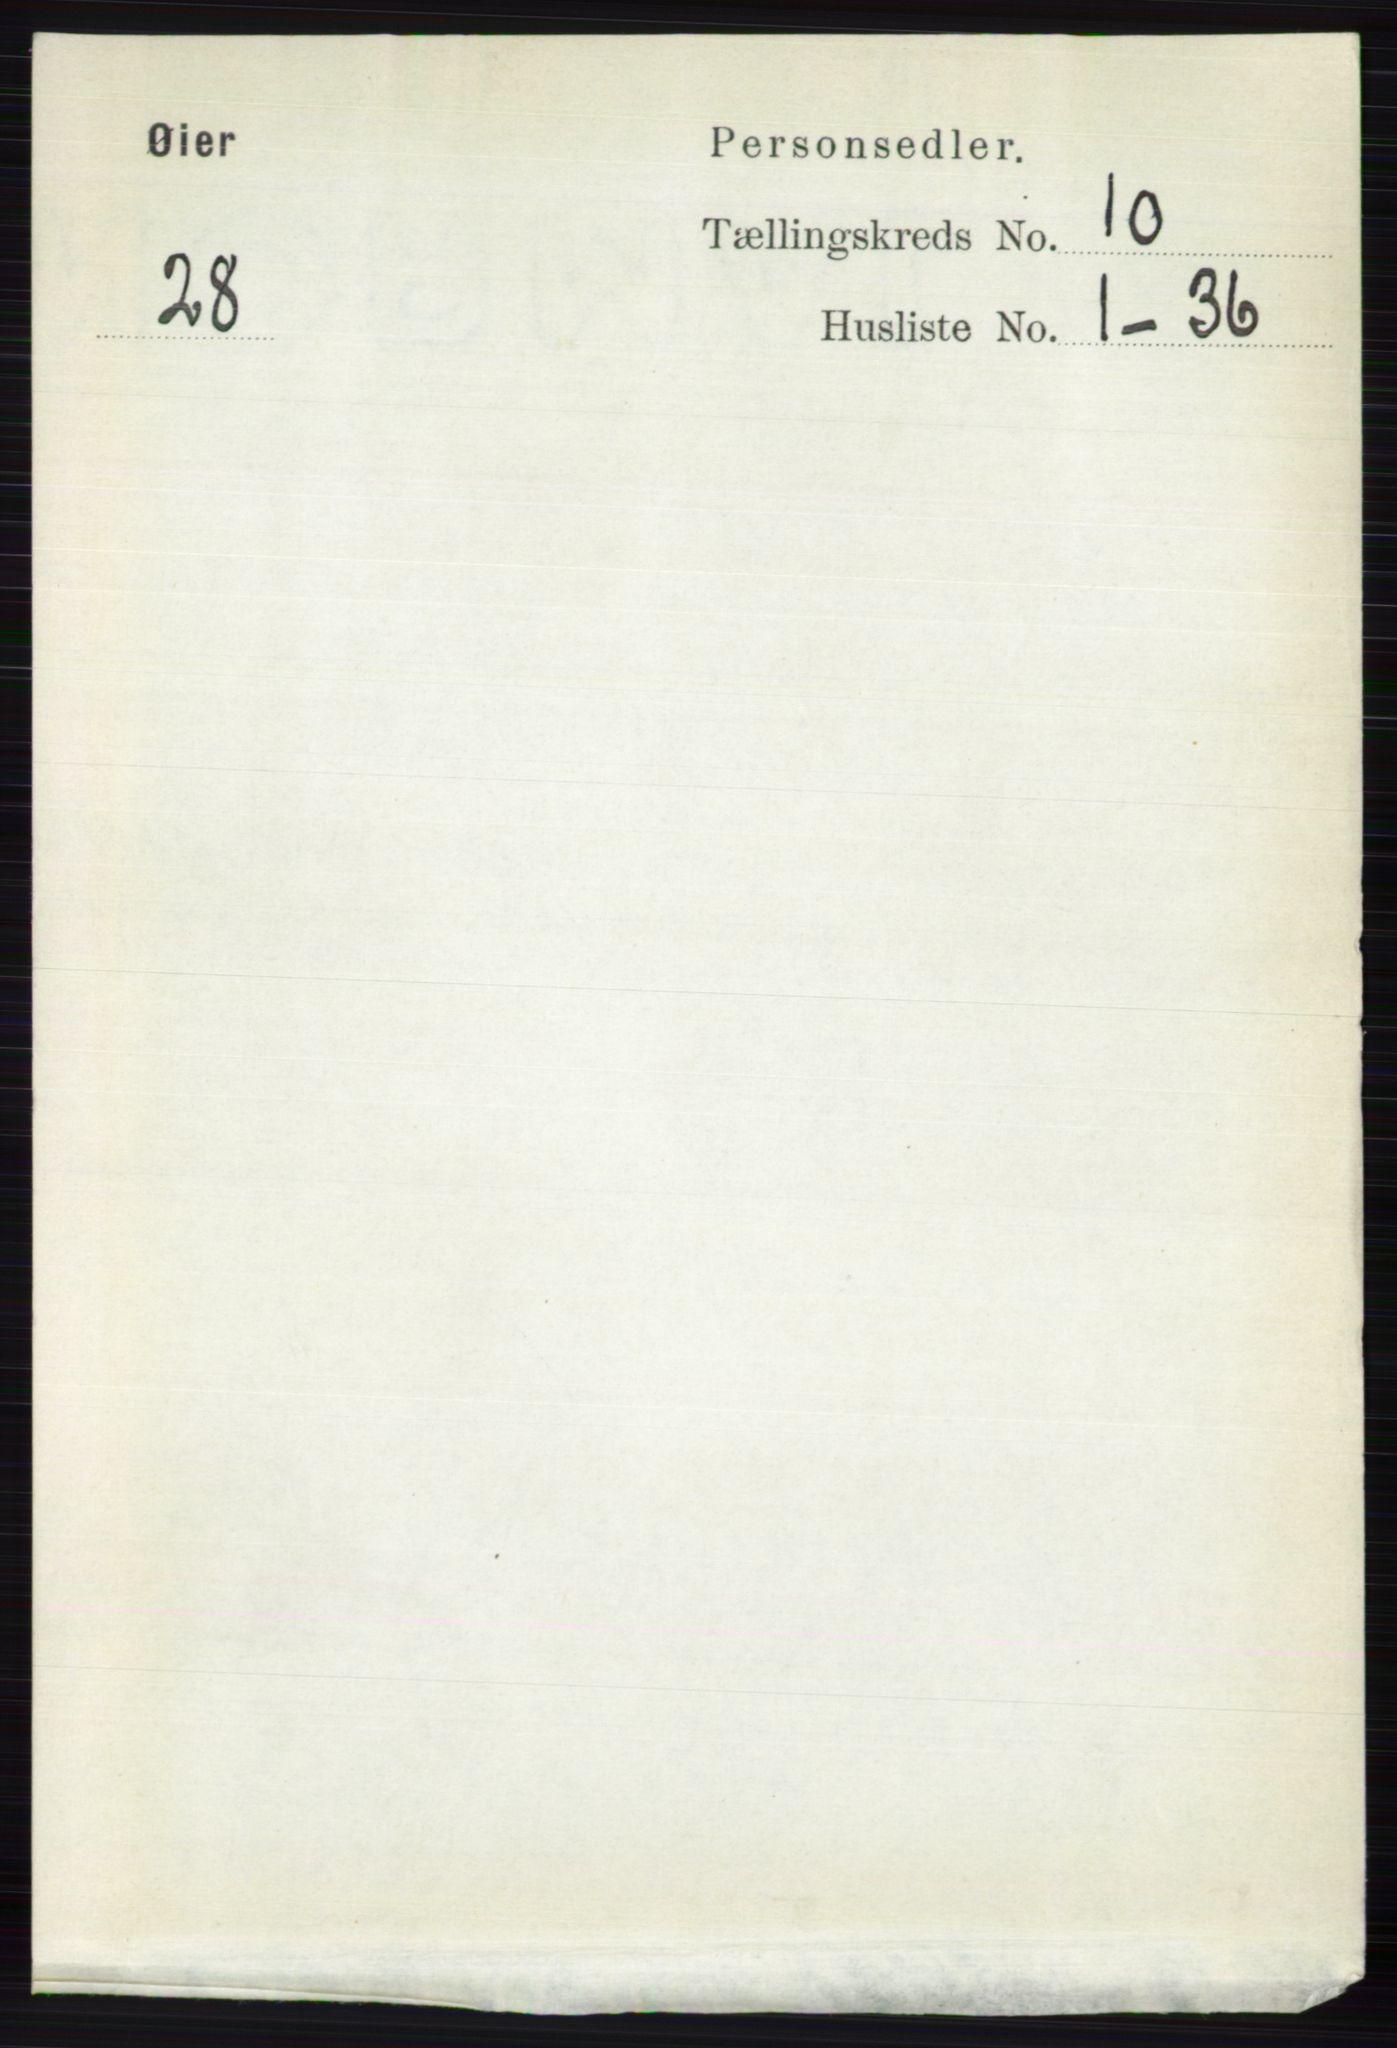 RA, Folketelling 1891 for 0521 Øyer herred, 1891, s. 3563